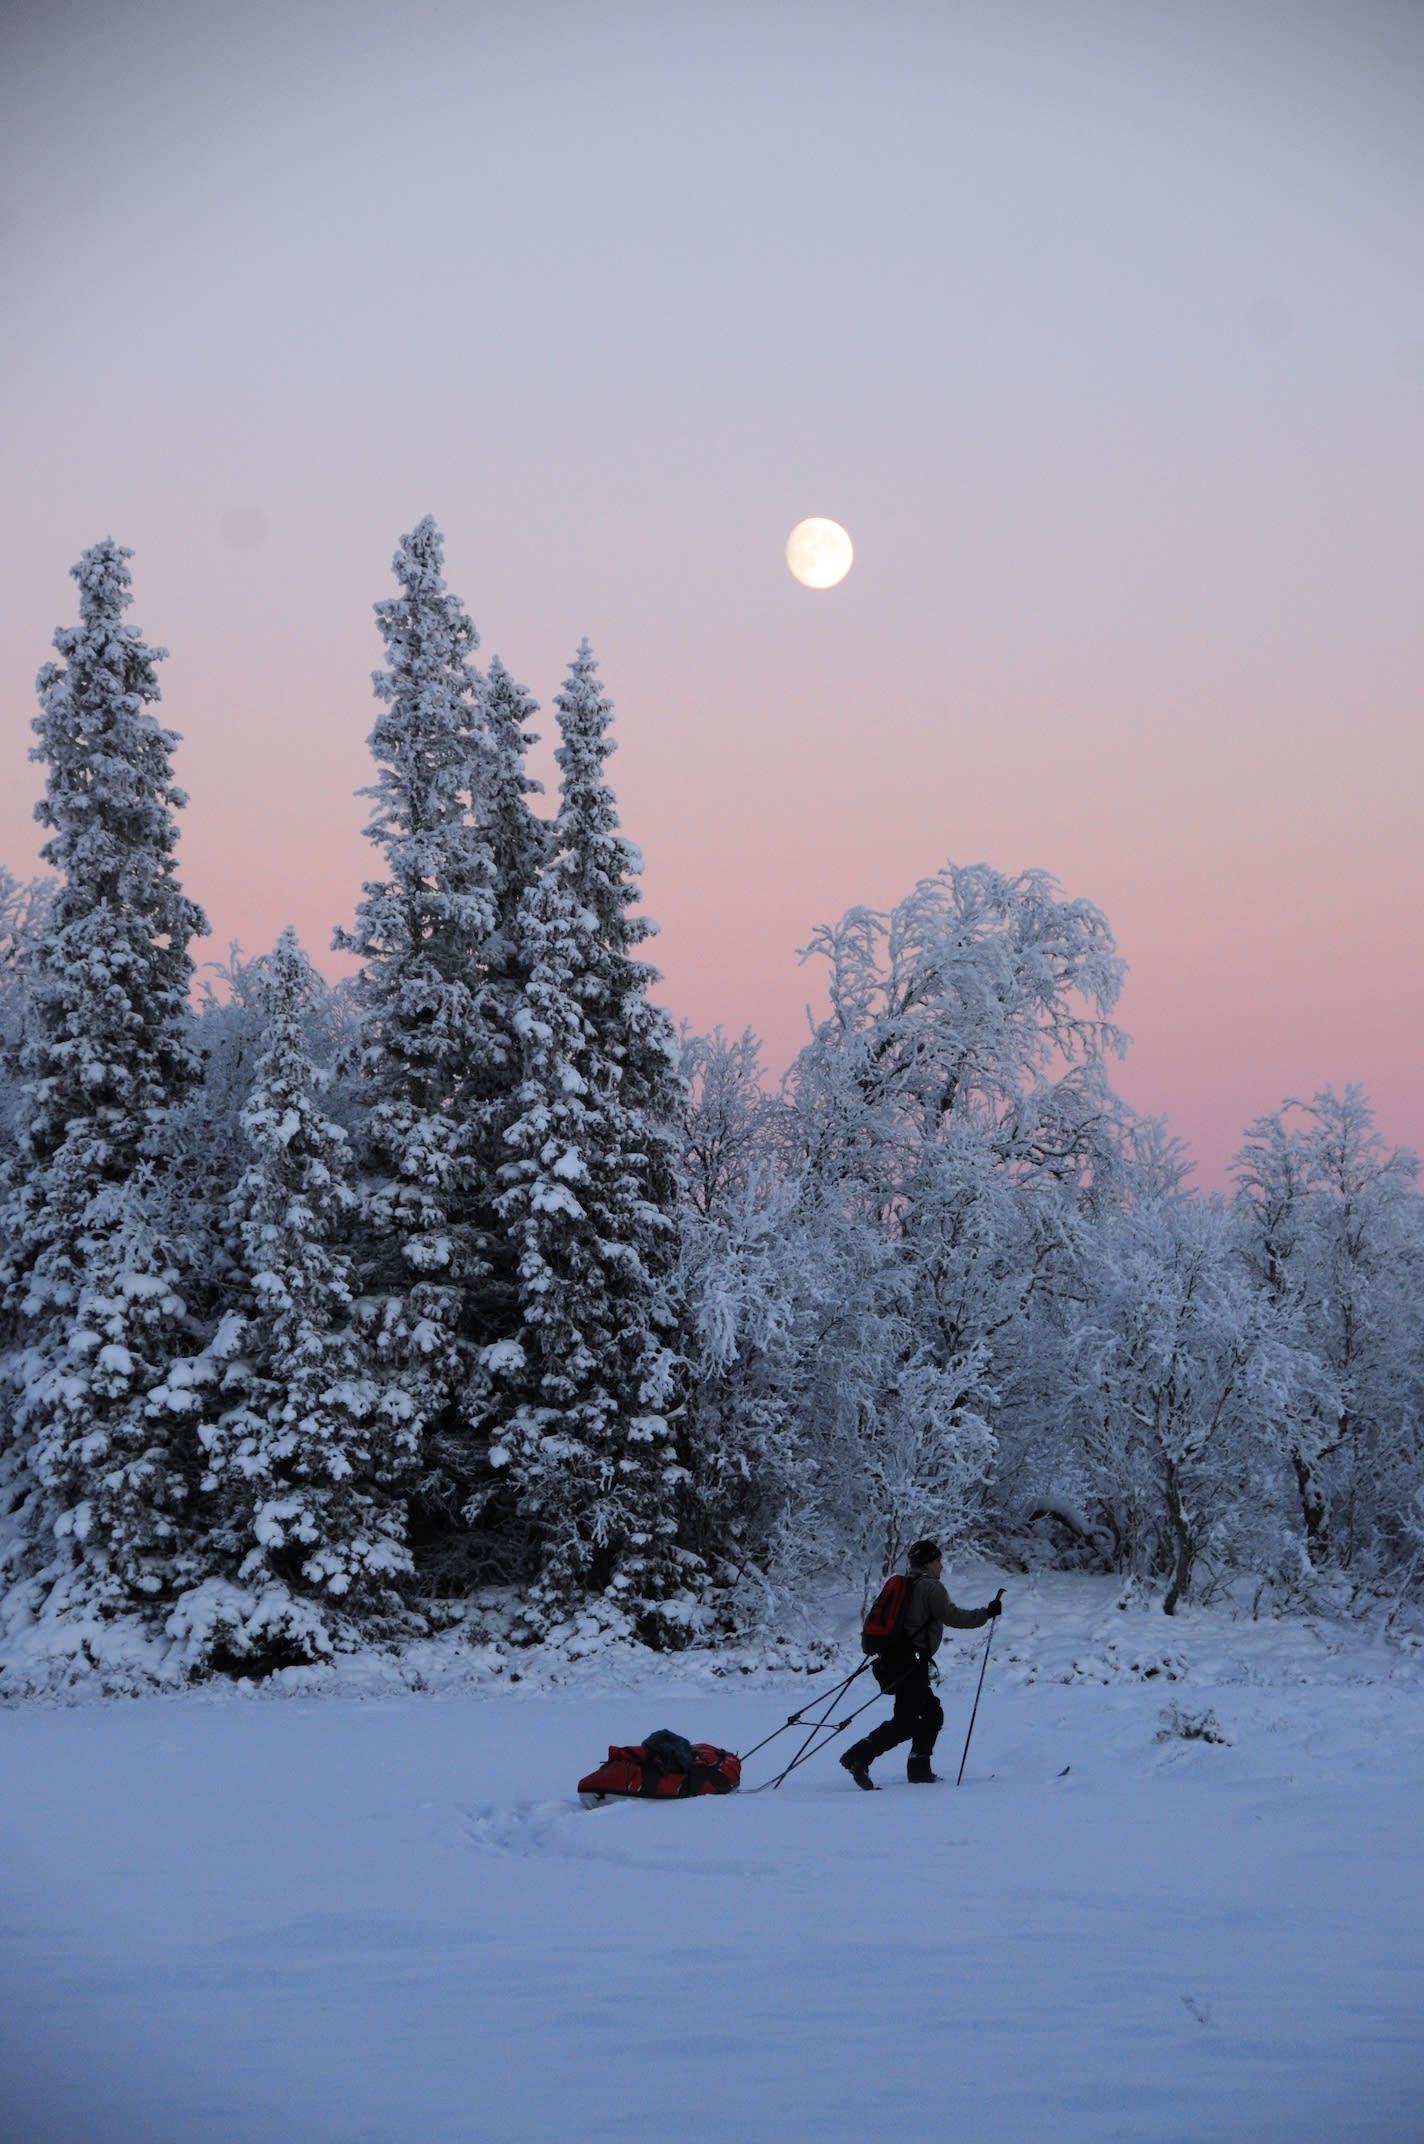 Idyll: Fullmåne på vei opp og sol på vei ned gir flotte fargenyanser i den vinterklare skumringsstunden. Foto: André Spica